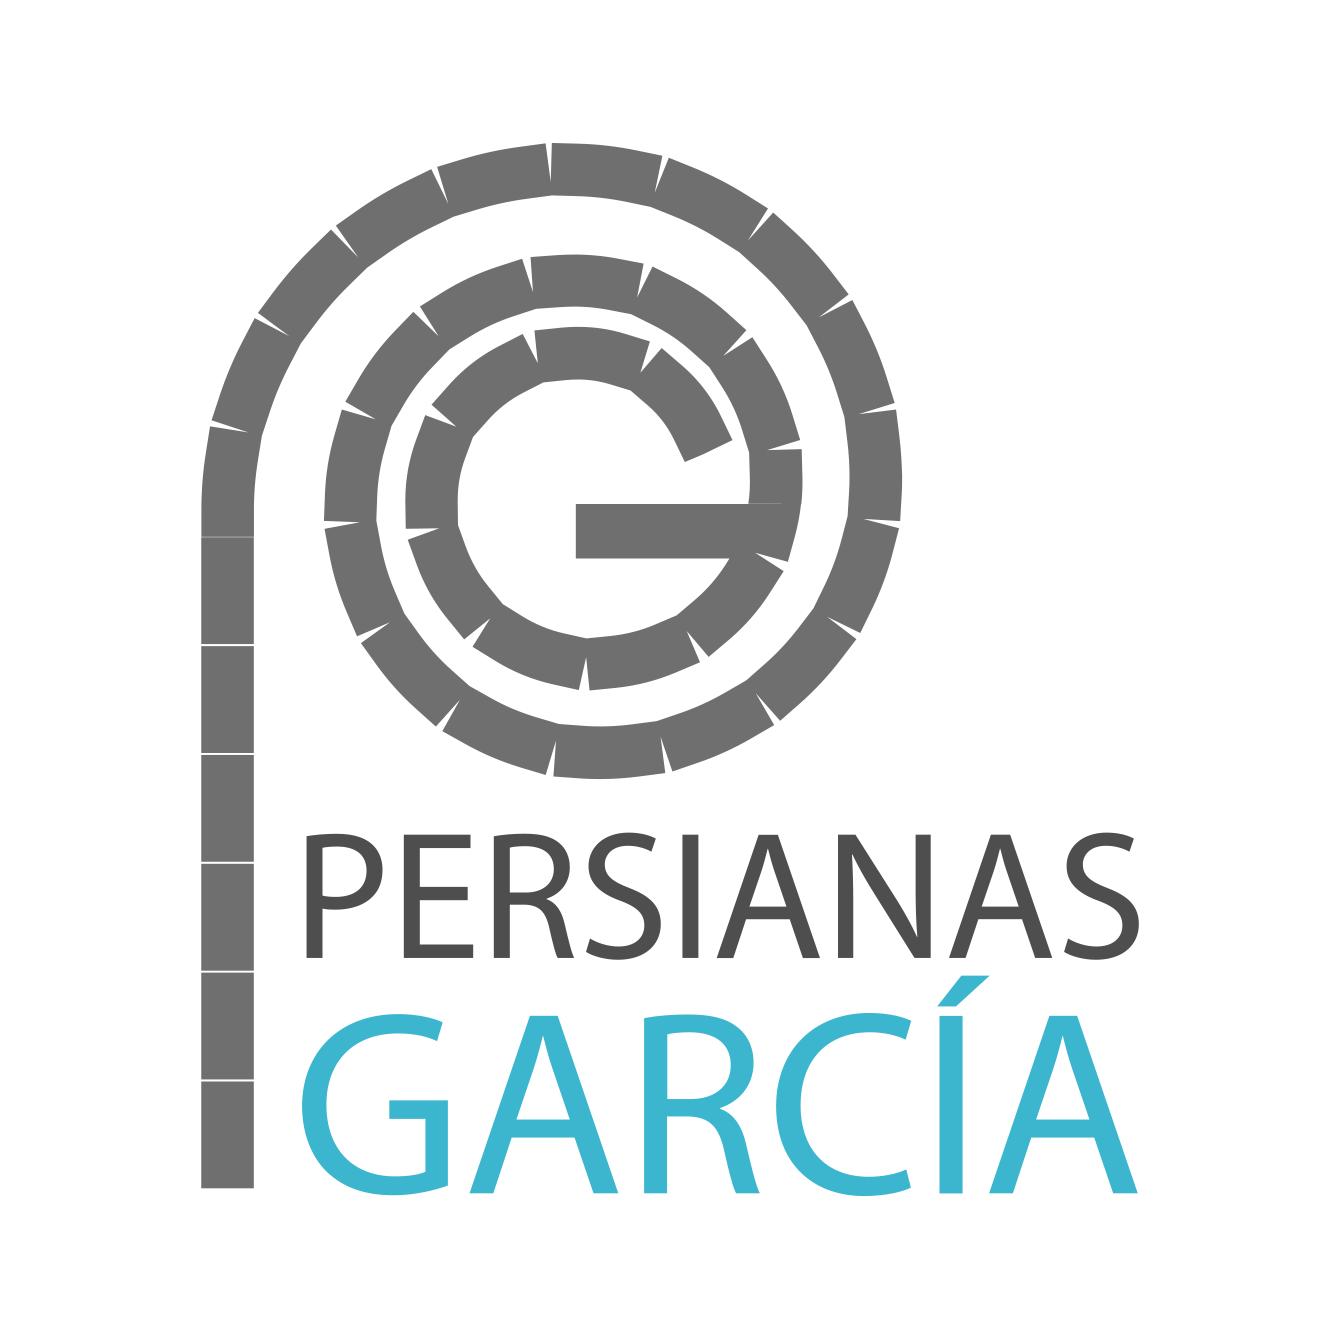 Persianas García